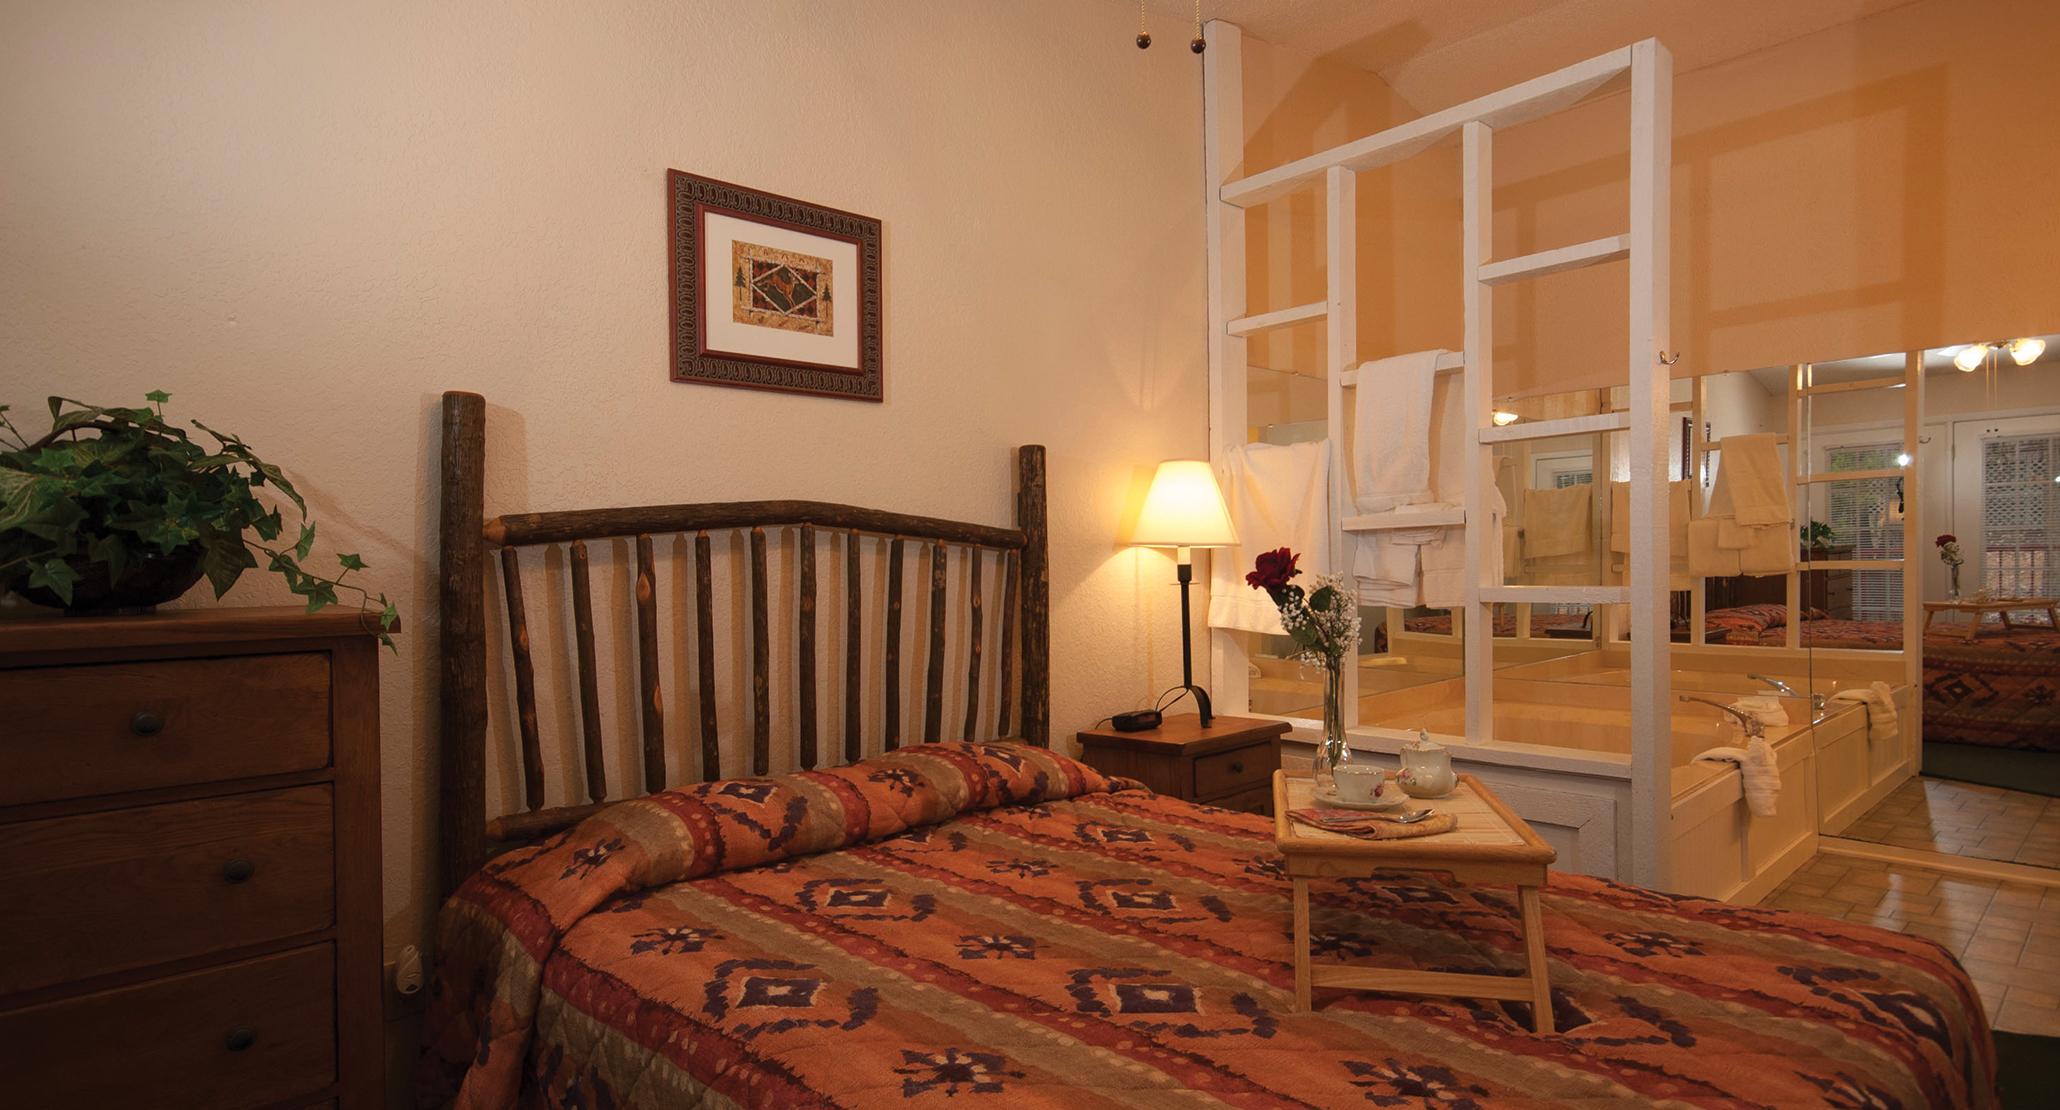 Holiday Inn Club Vacations Holly Lake Ranch image